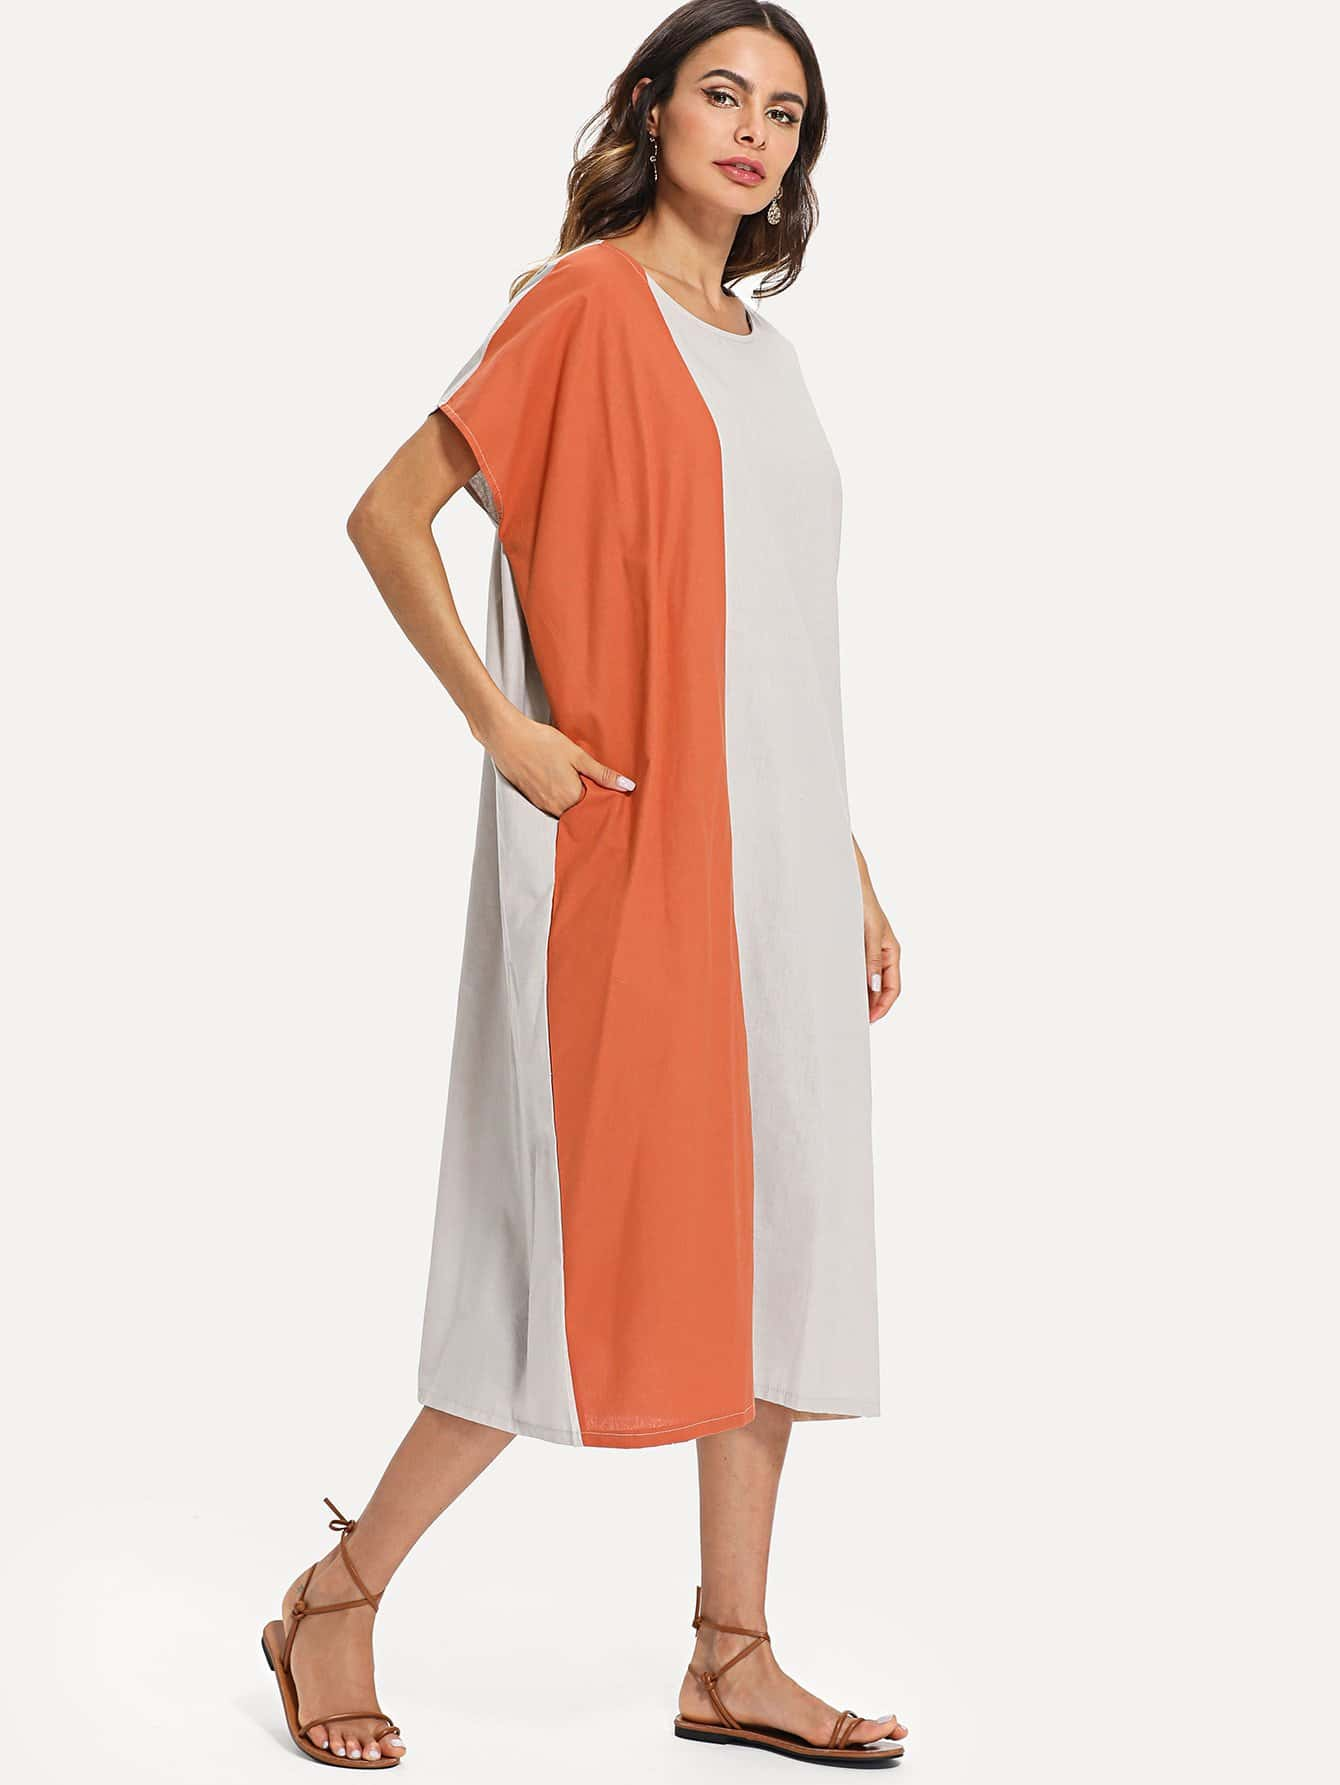 Colorblock Hidden Pocket Dress ballu bhc l06 s03